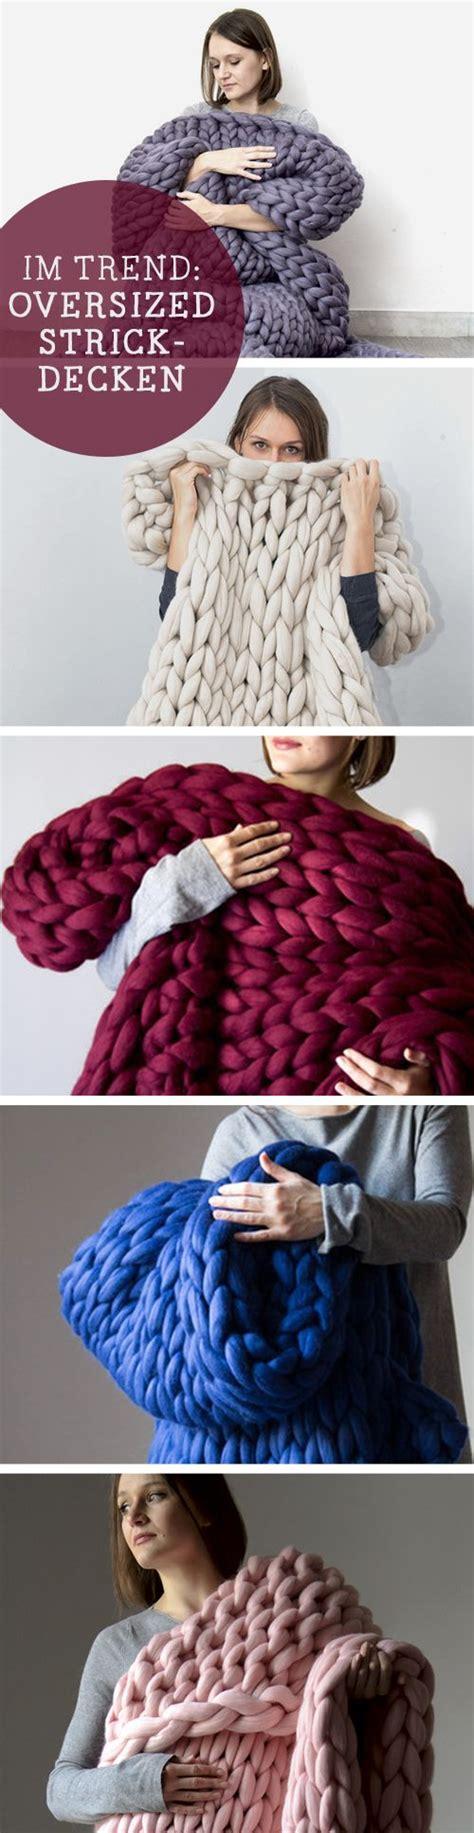 kuschelige decken strick im trend kuschelige decken in 220 bergr 246 223 e knitting